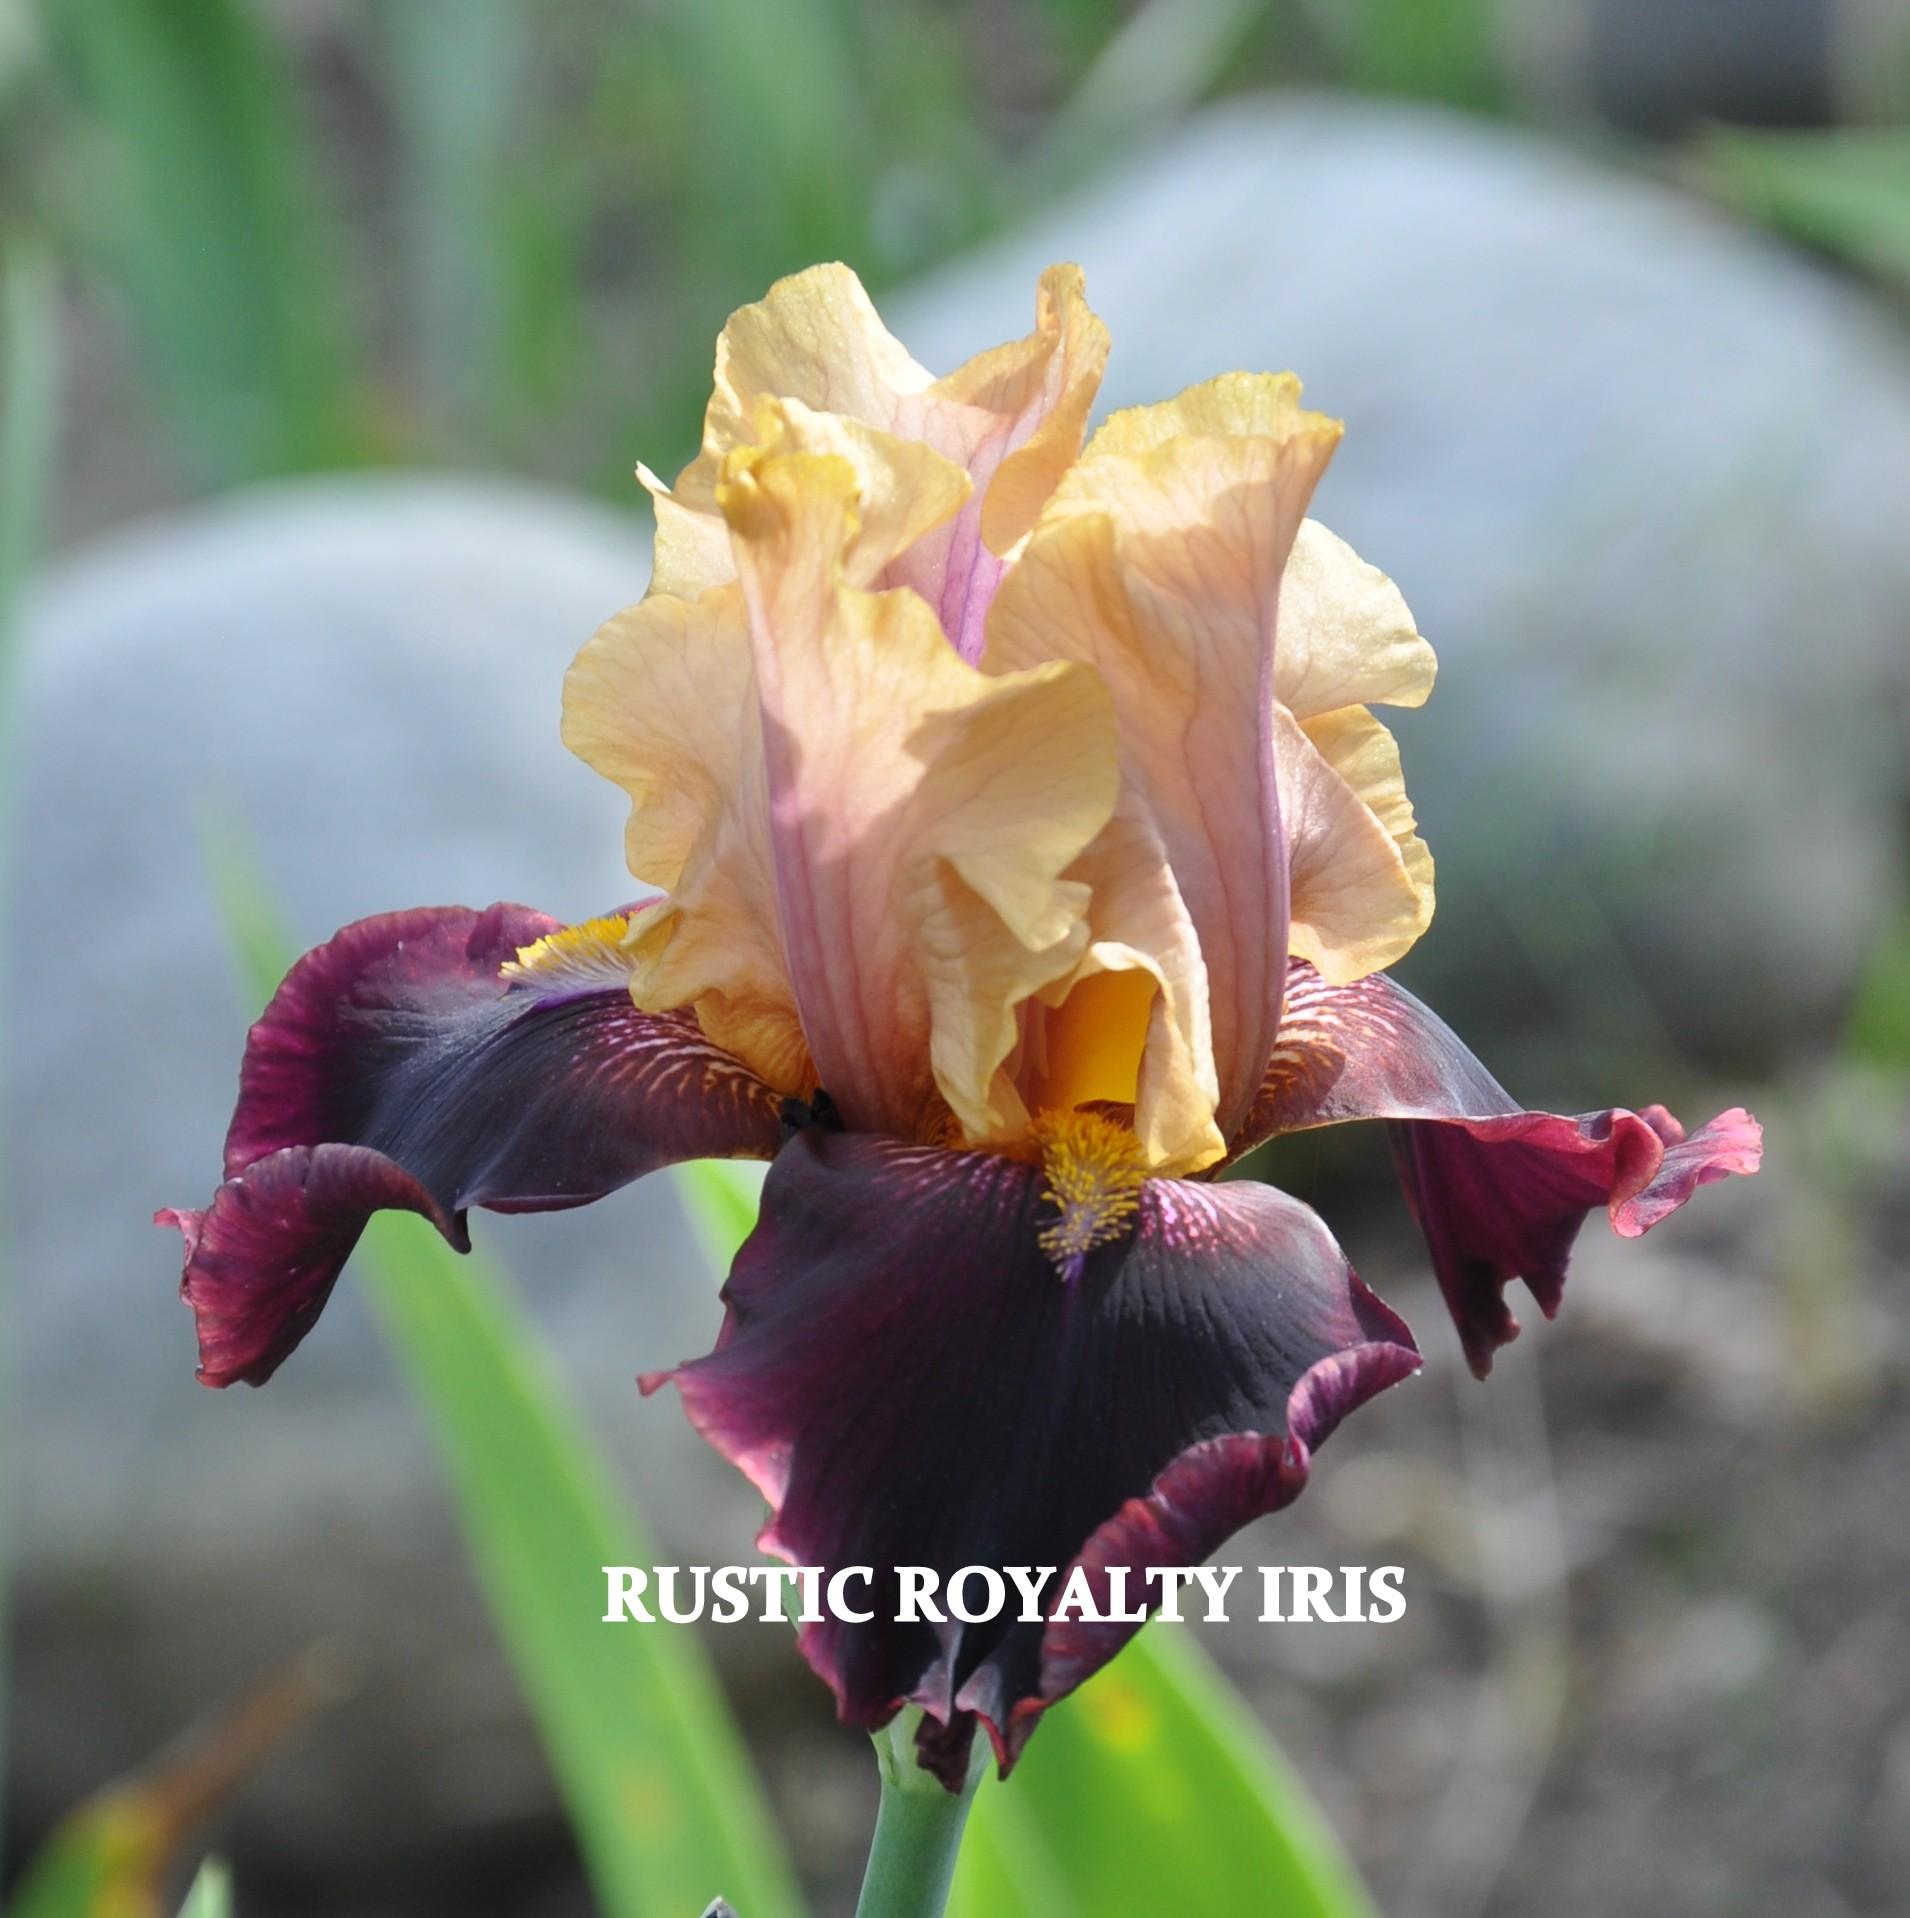 Rustic Royalty Iris